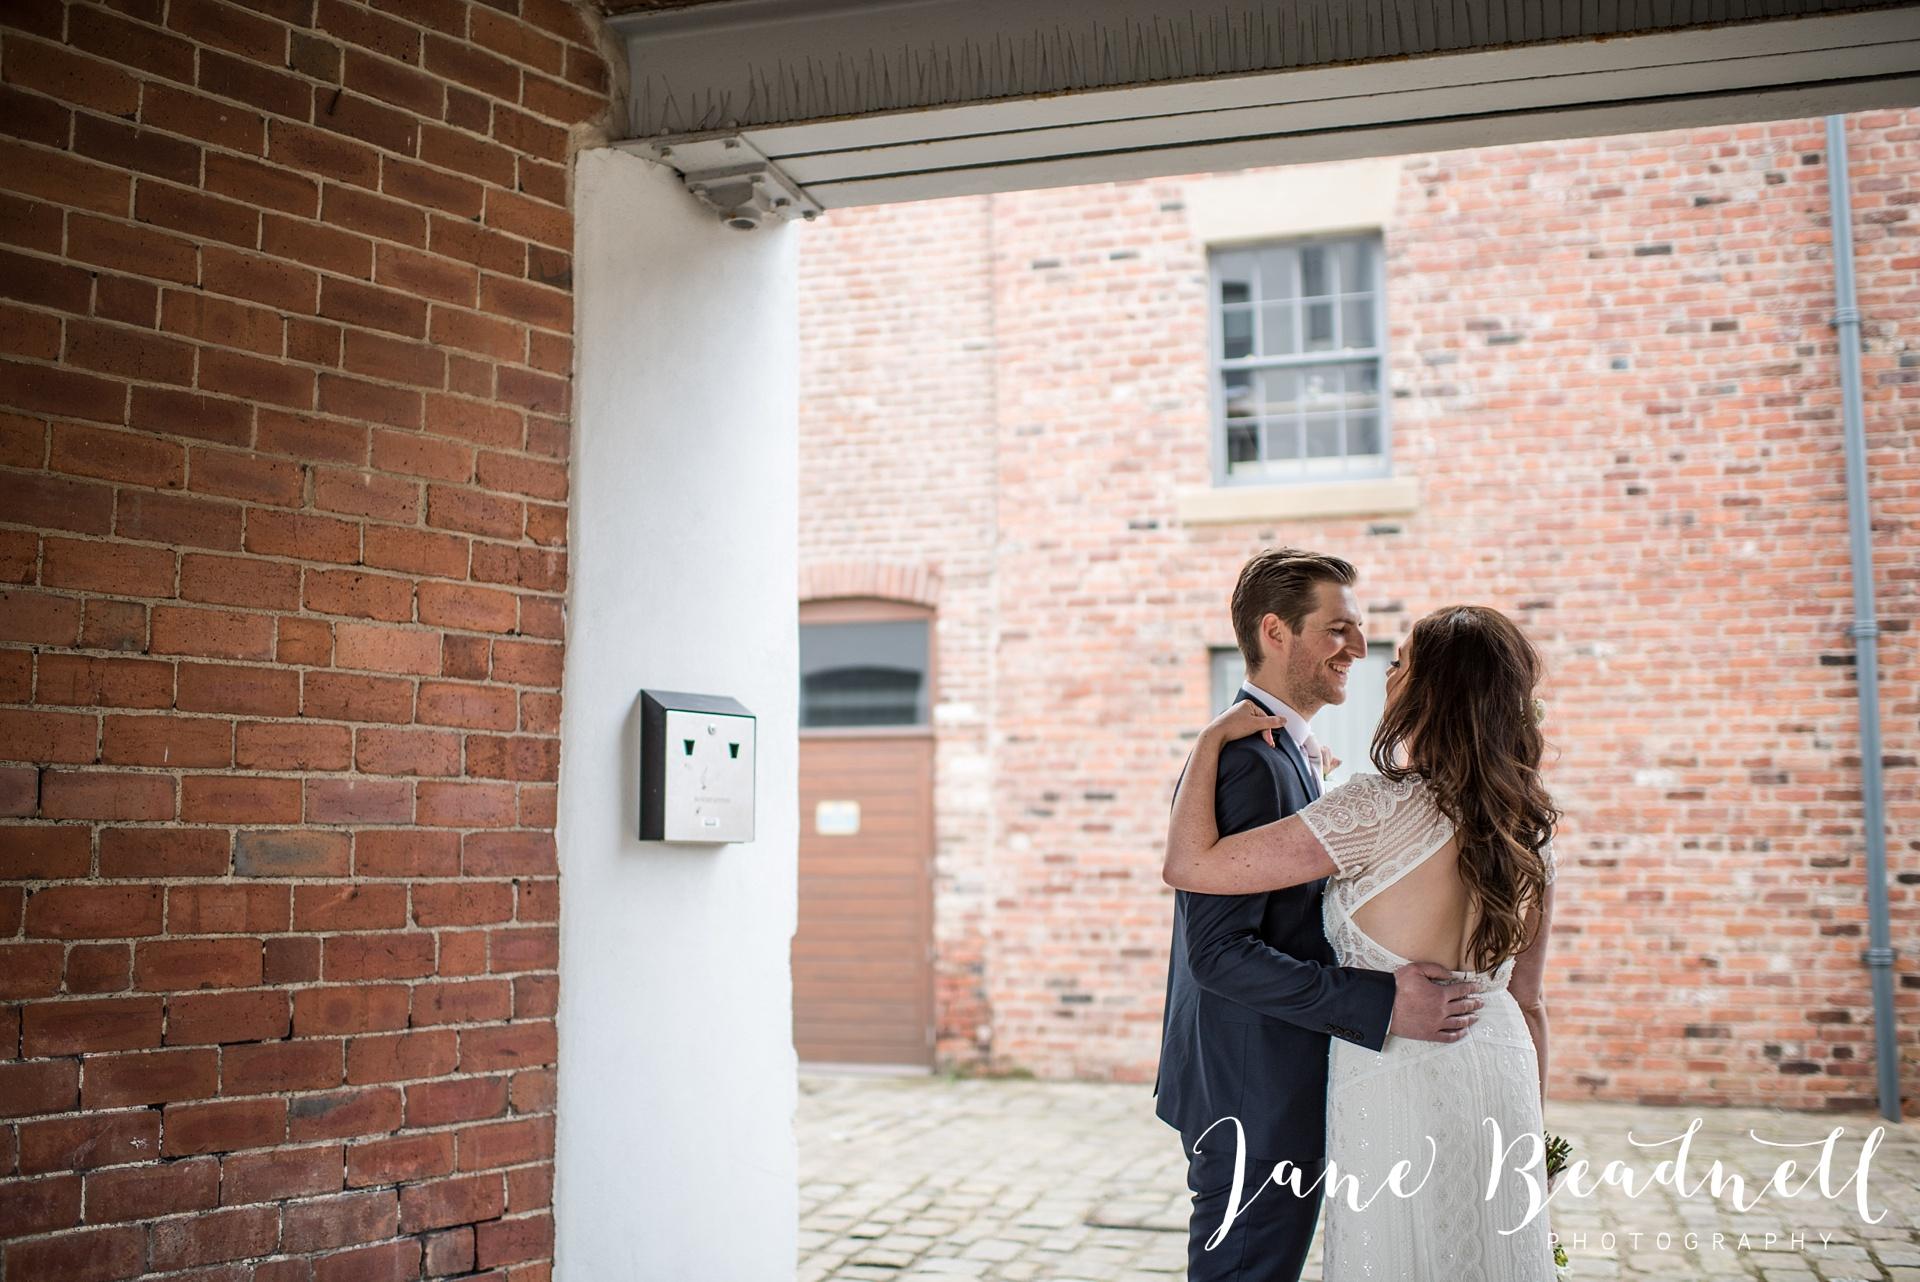 Wedding photography Cross Keys Leeds Wedding Jane Beadnell Photography_0108